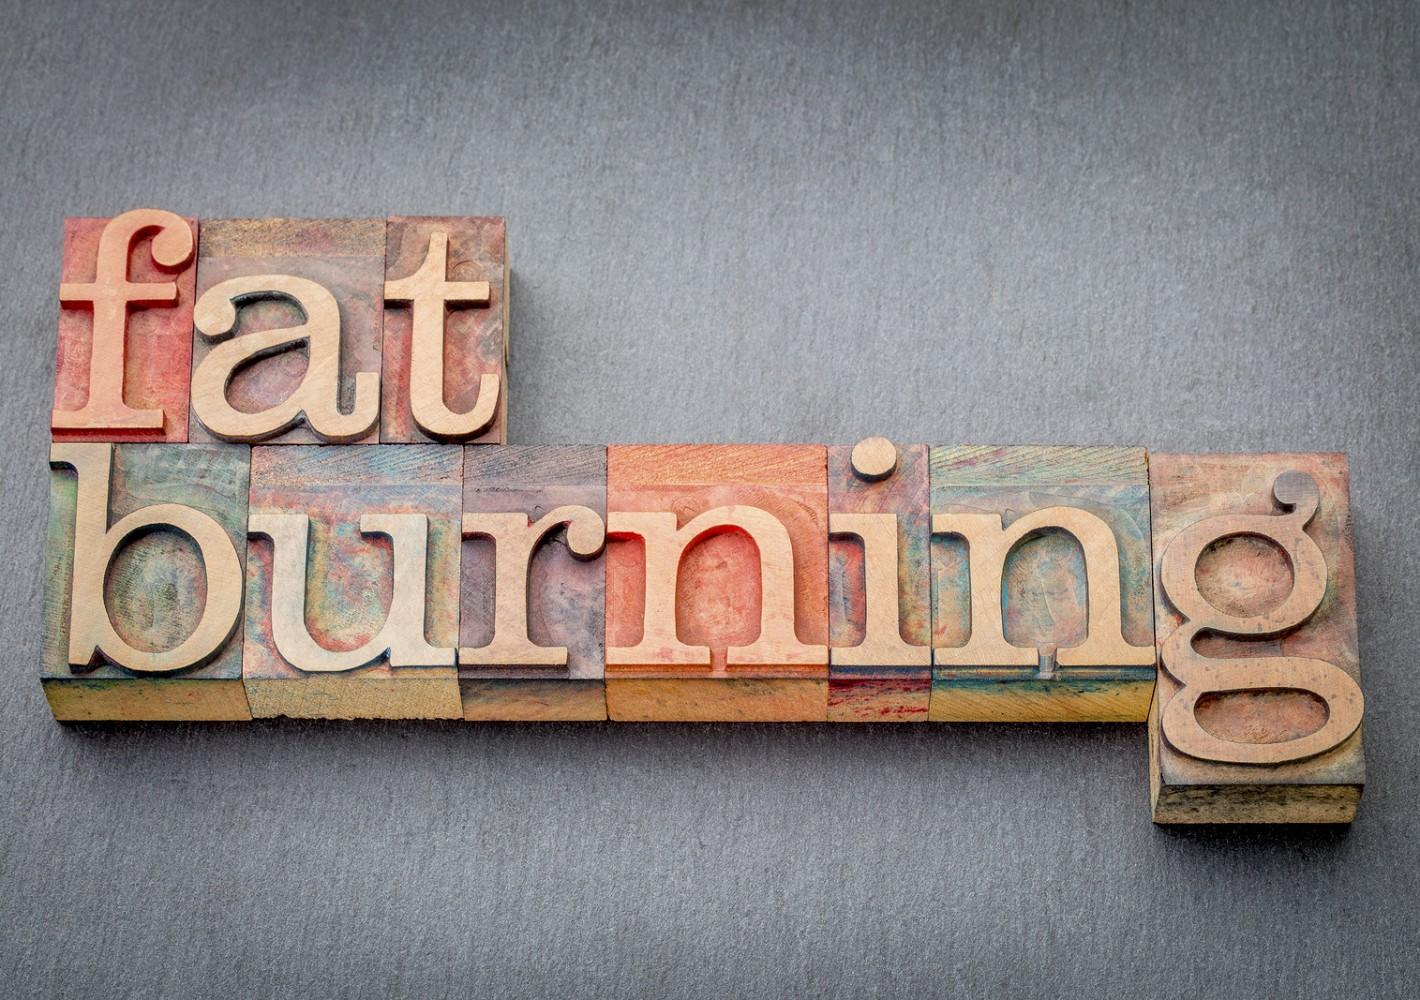 Kiertoharjoittelu rasvanpolttoon